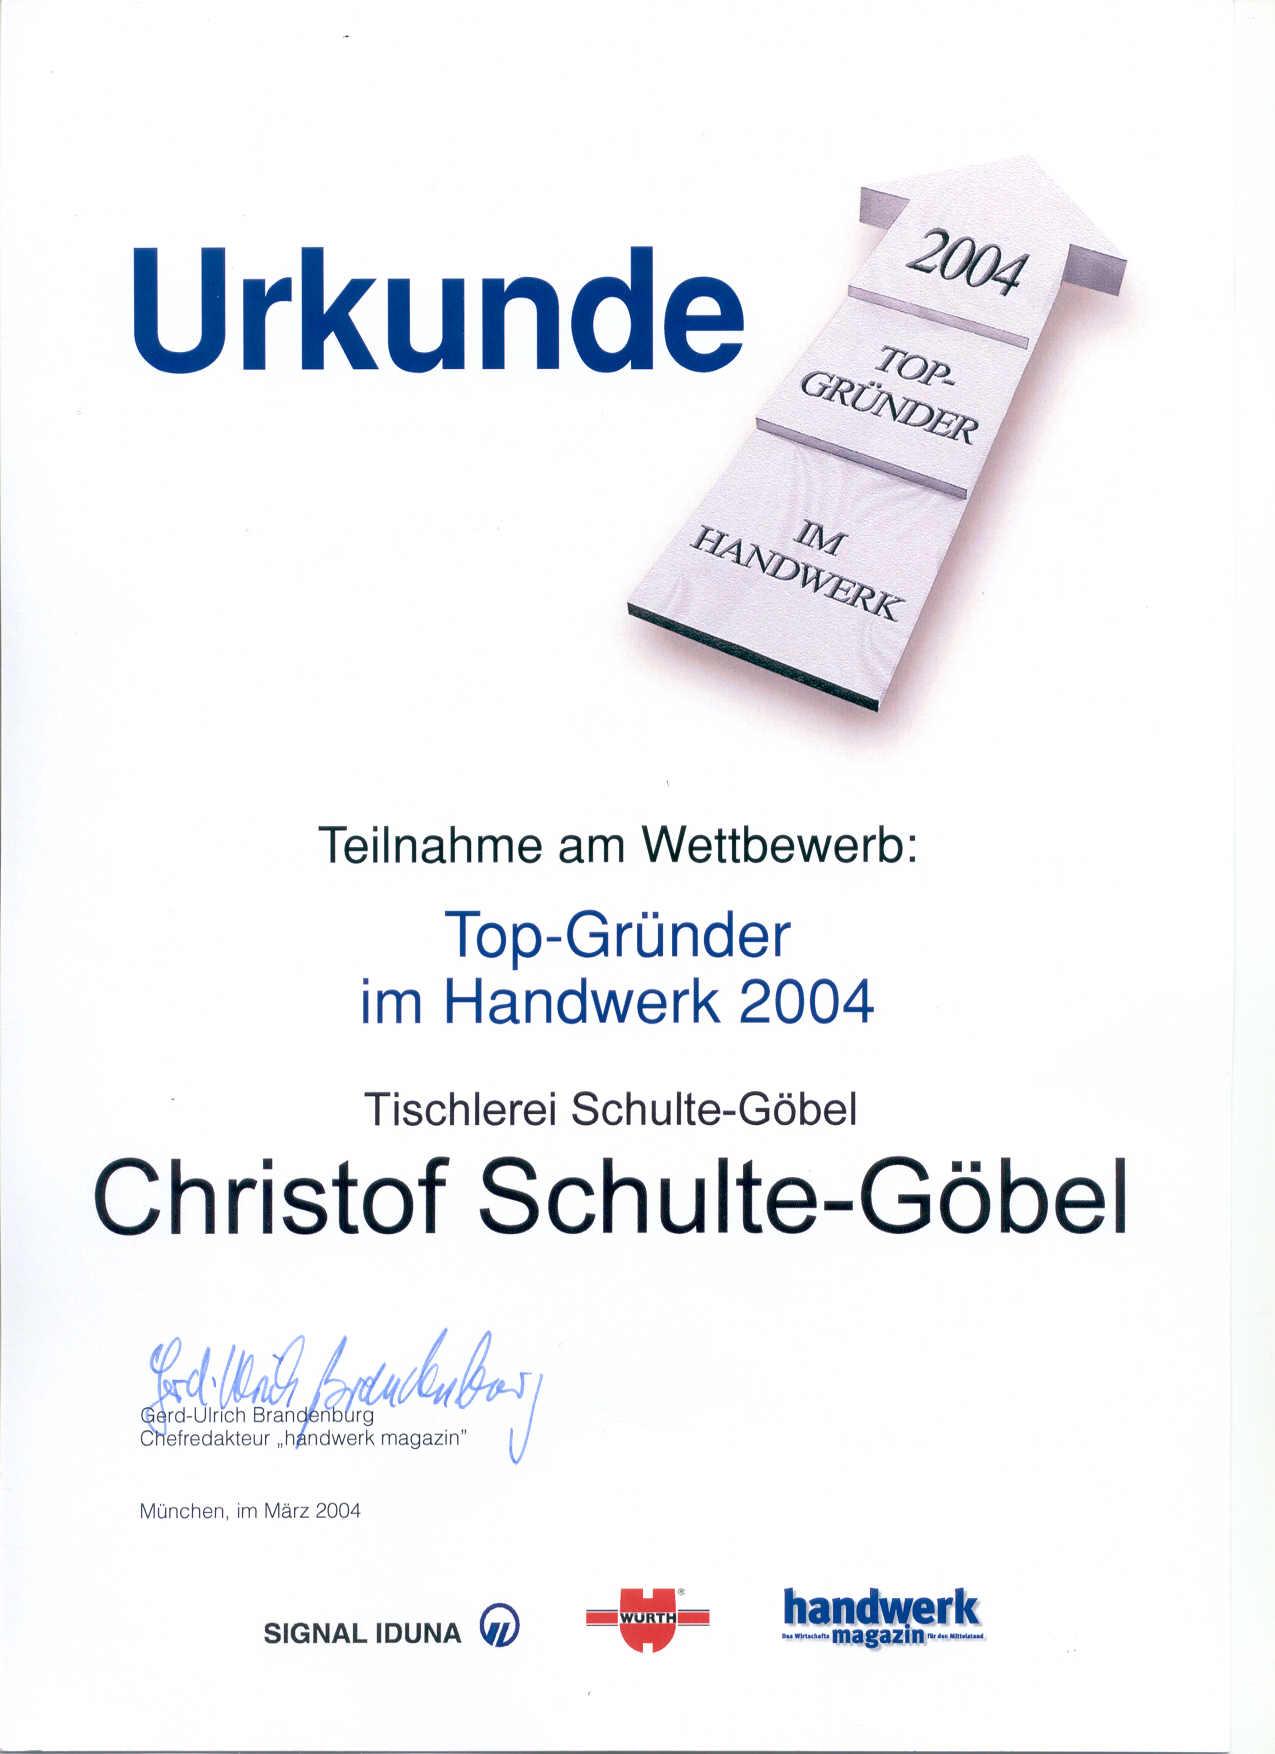 20040301_Top_Gründer_im_Handwerk_Urkunde